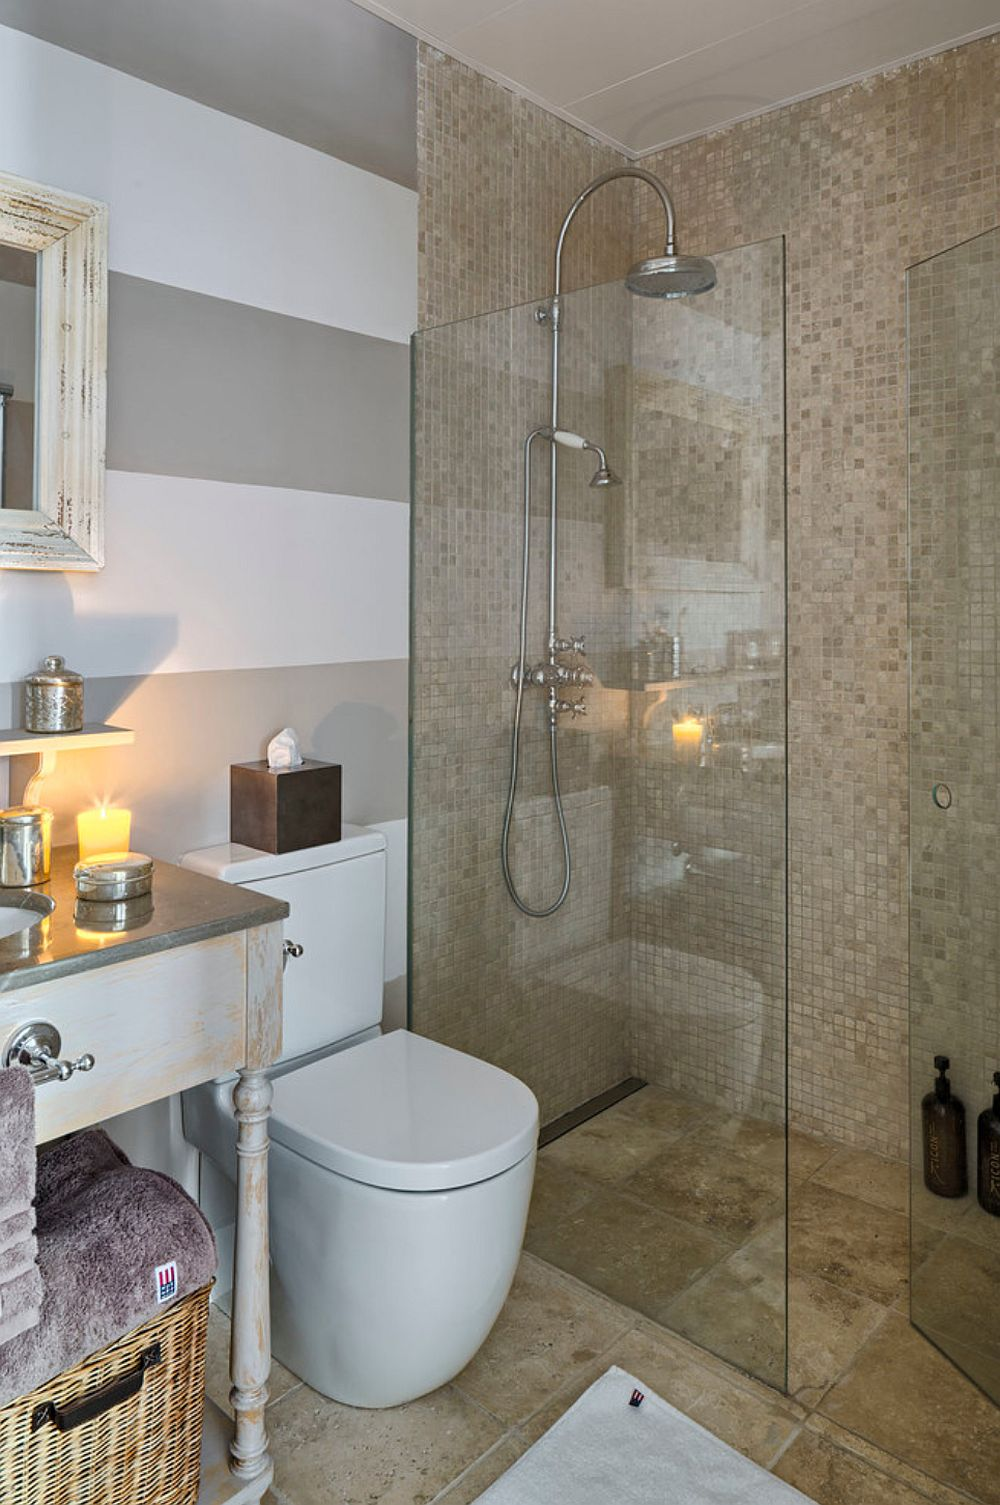 Peretele din zona lavoarului și a vasului wc este finisaj cu vopsea, iar în zona de duș, prevăzut cu rigolă îngropată, pereții sunt îmbrăcați în mozaic. Pardoseala este din plăci de travertin.